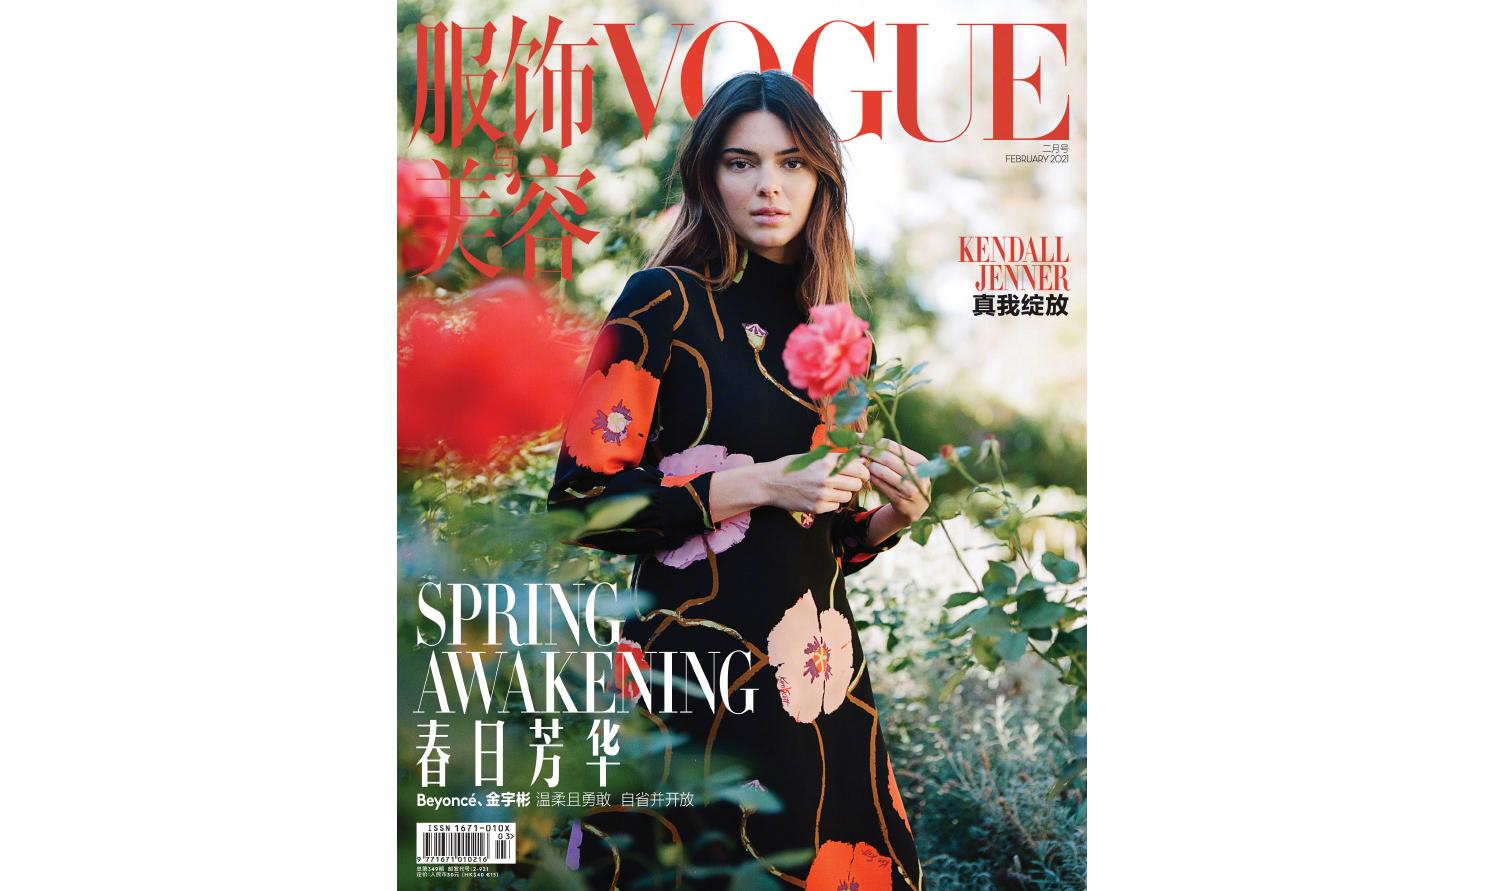 Anna Wintour 操刀中国版《VOGUE》封面正式发布